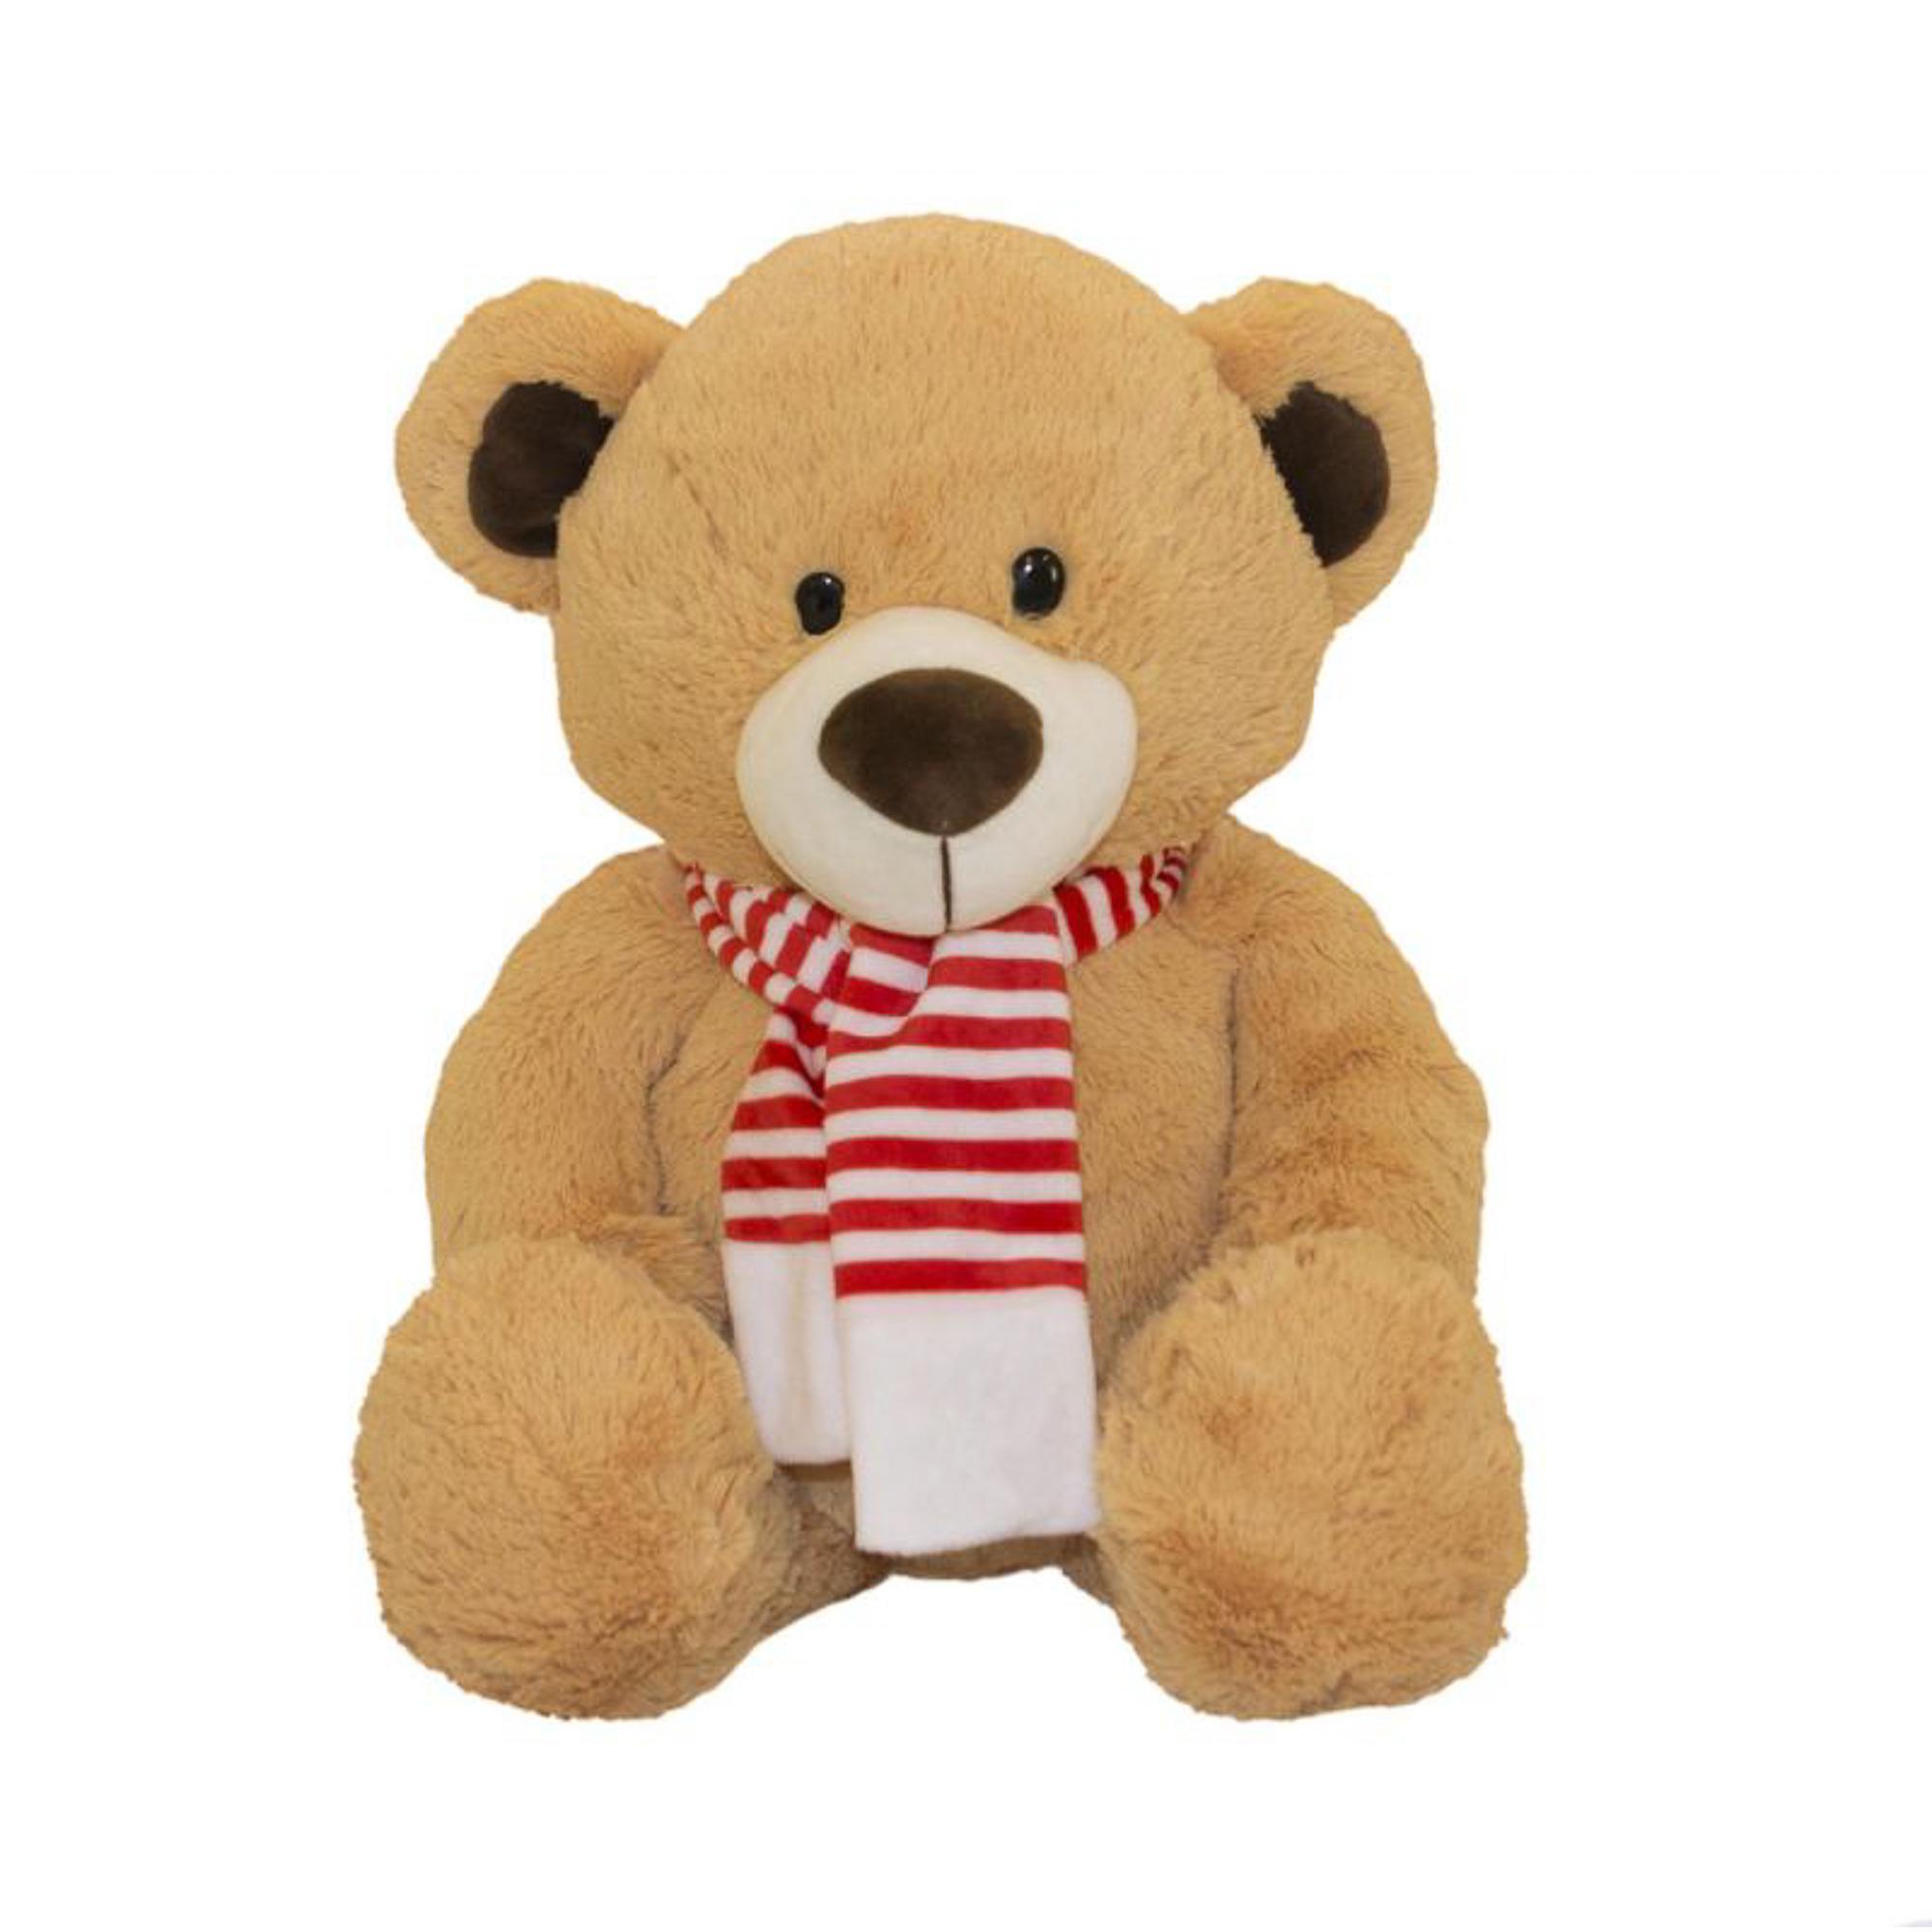 Картинка маленького медведя игрушка